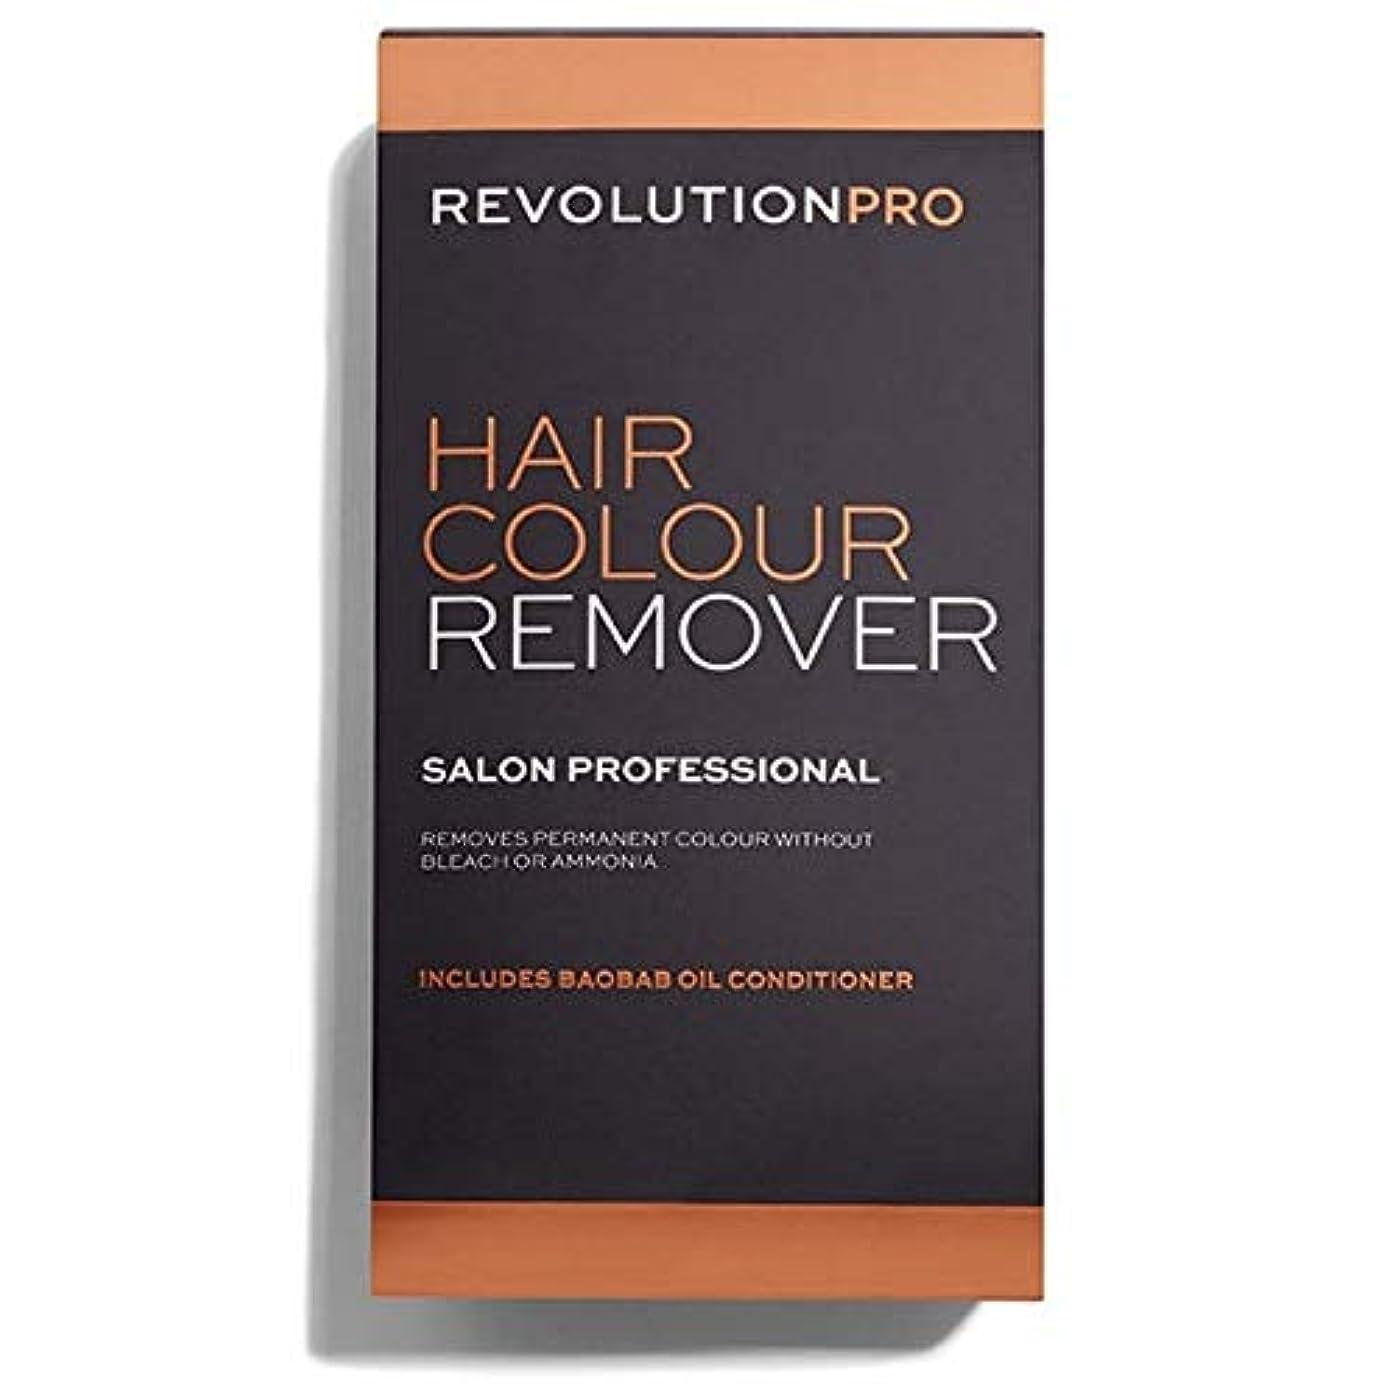 エクステント娯楽圧縮[Hair Revolution] 革命プロのヘアカラーリムーバー - Revolution PRO Hair Colour Remover [並行輸入品]